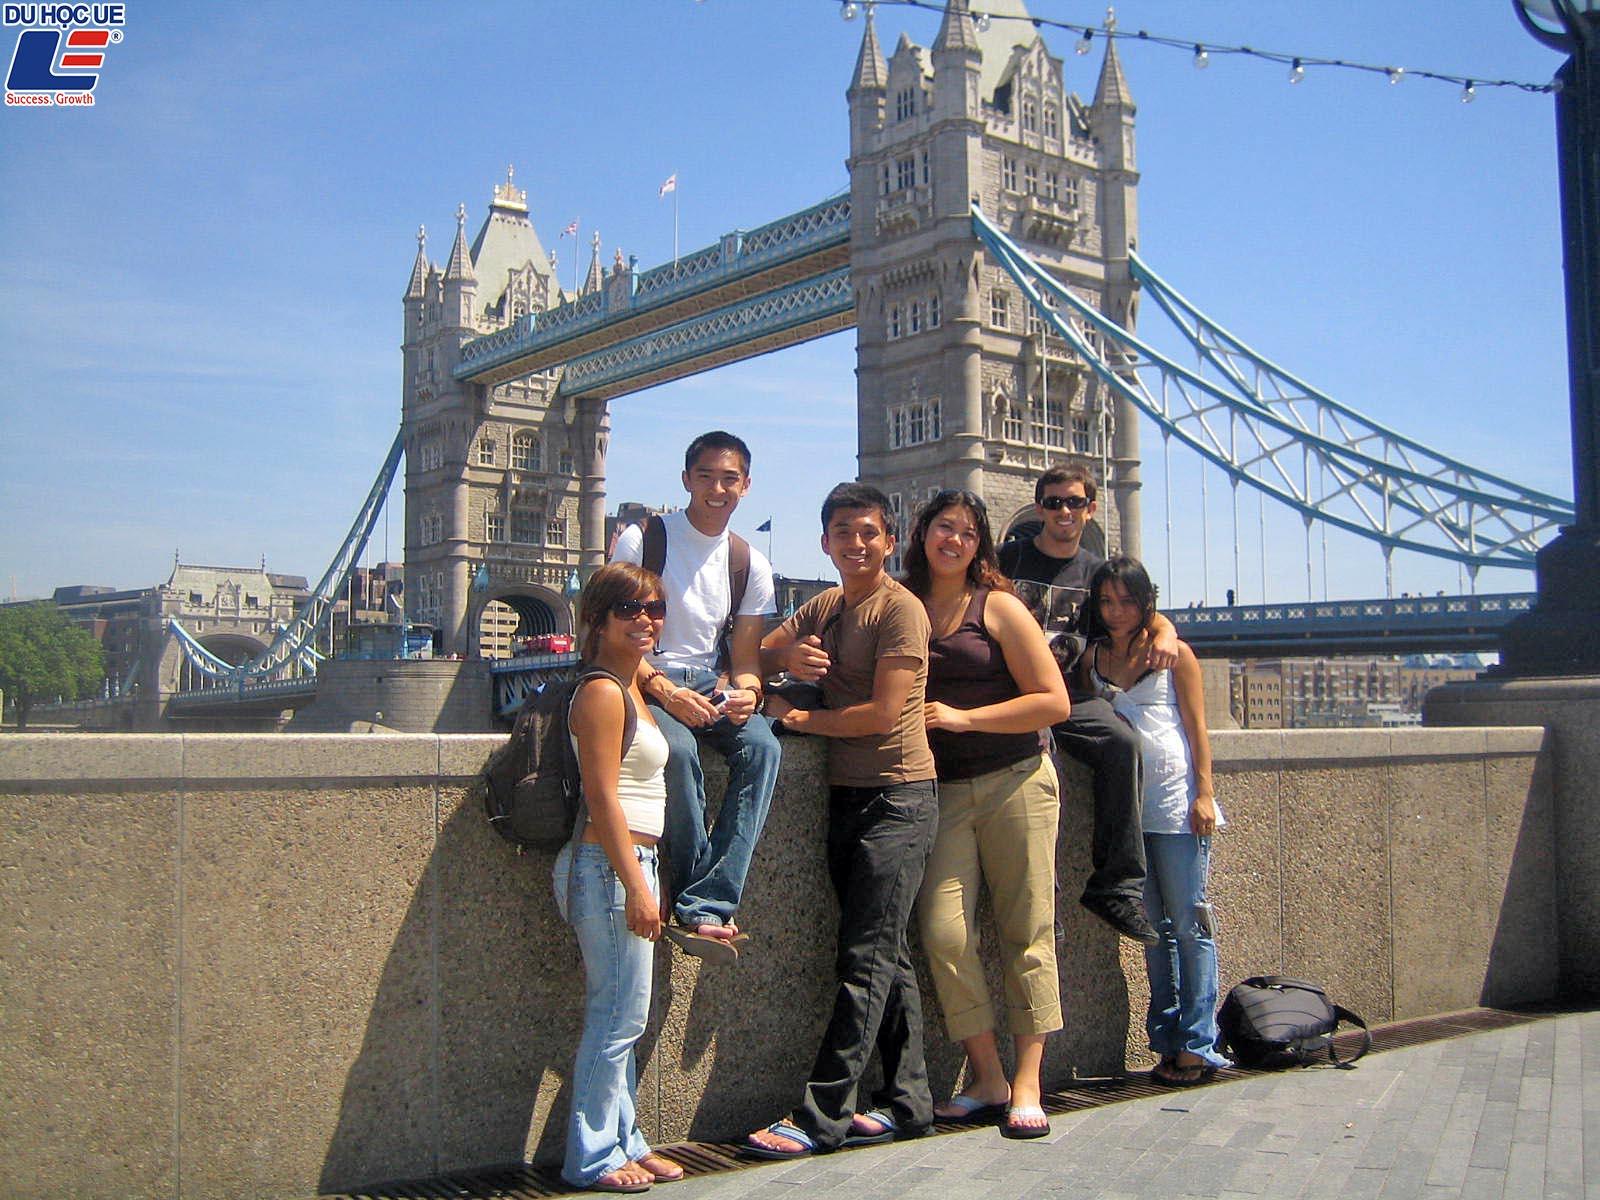 Làm thế nào để sống ở Anh với một túi tiền khiêm tốn? 3